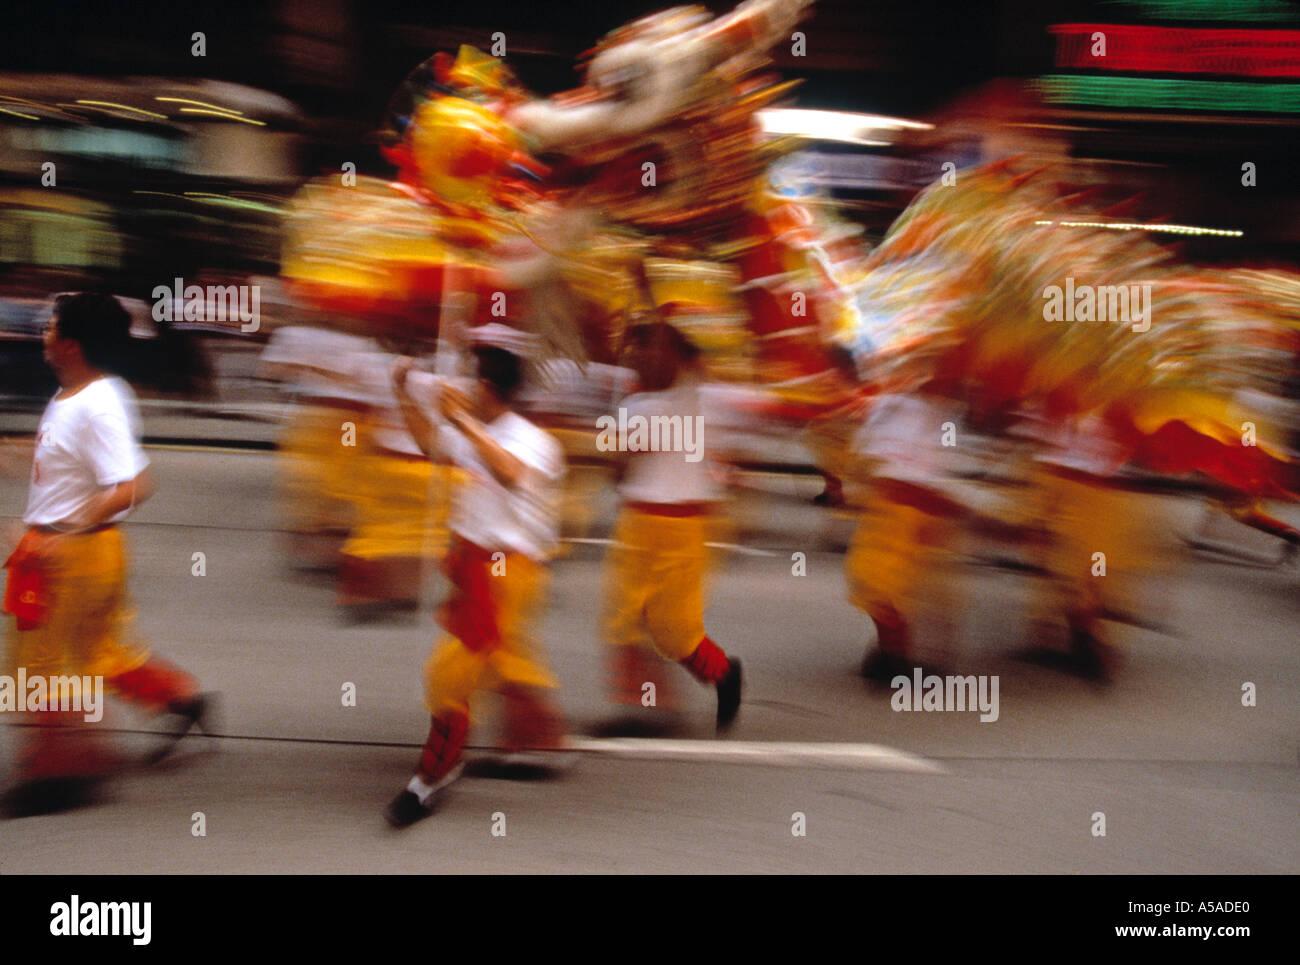 Dragon Dancers, Kowloon, Hong Kong, China - Stock Image